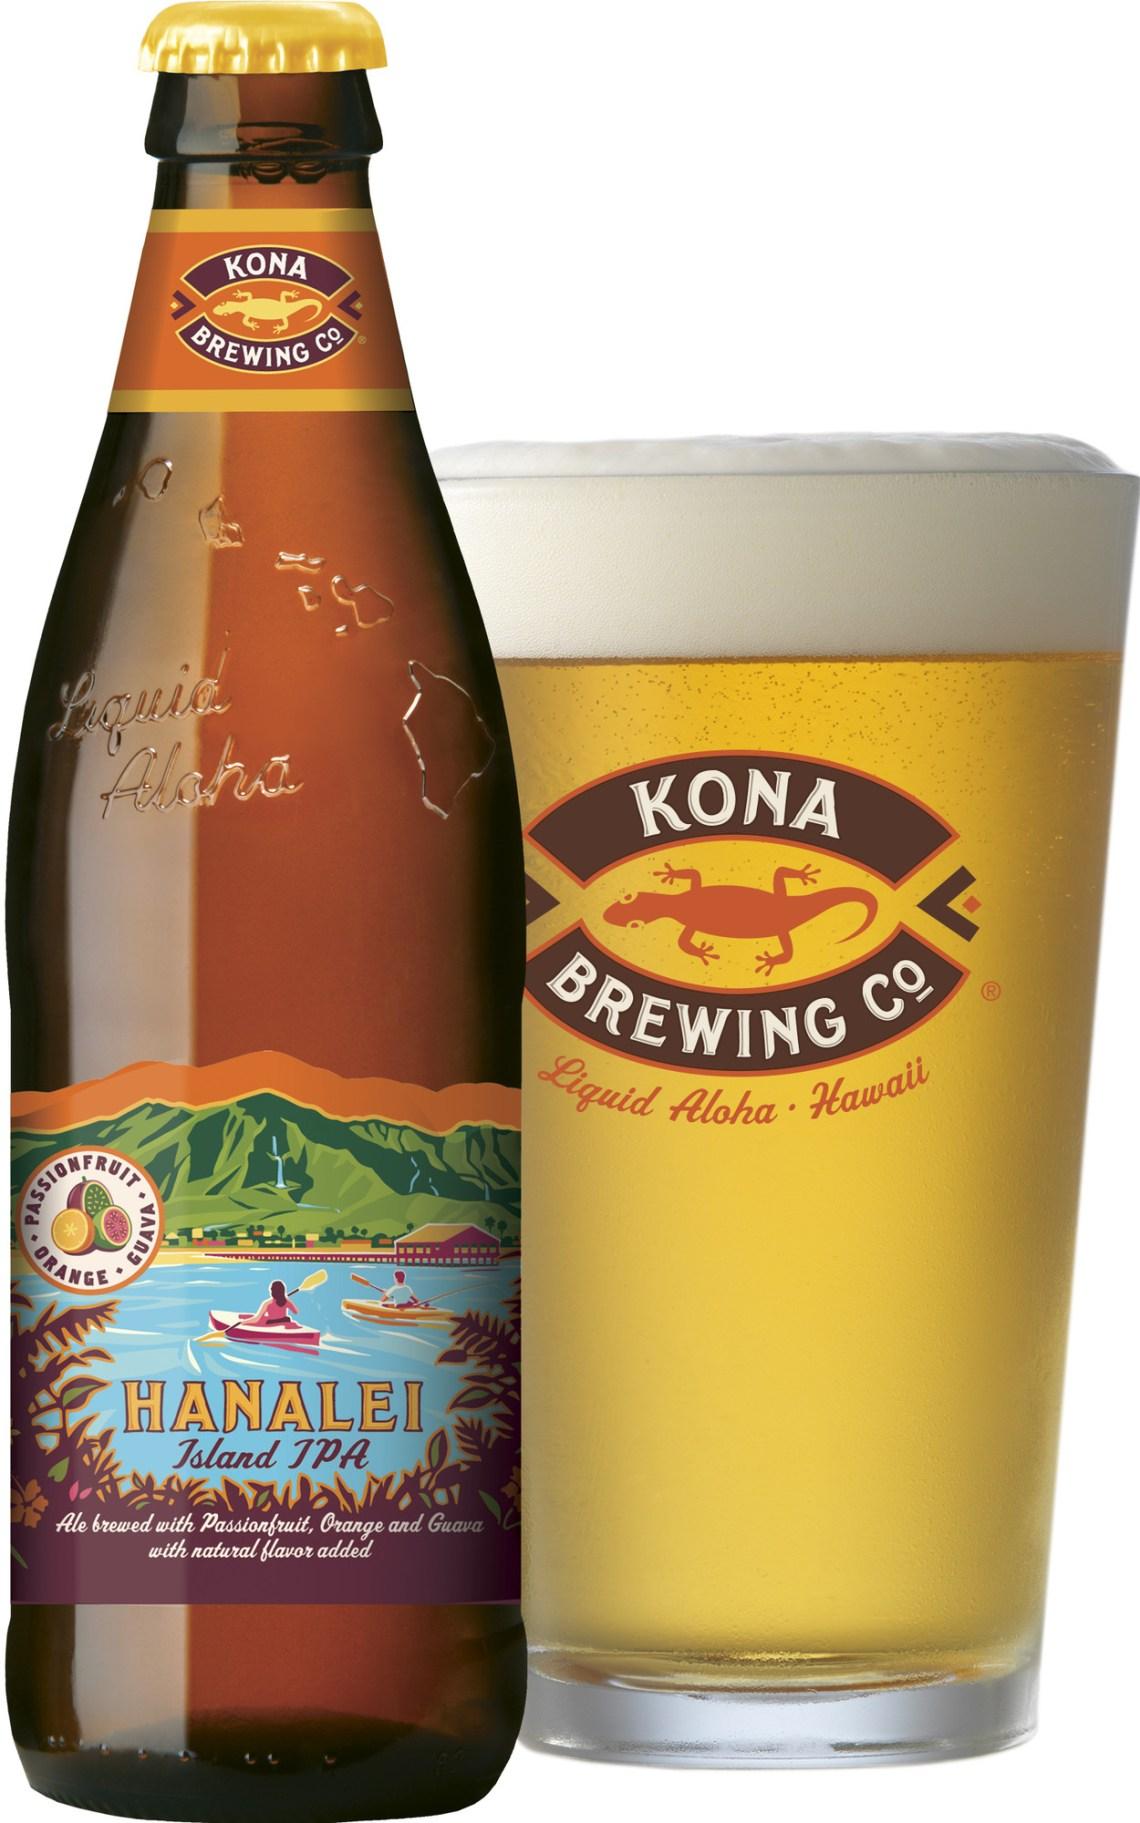 Kona Brewing Co. Hanalei Island IPA